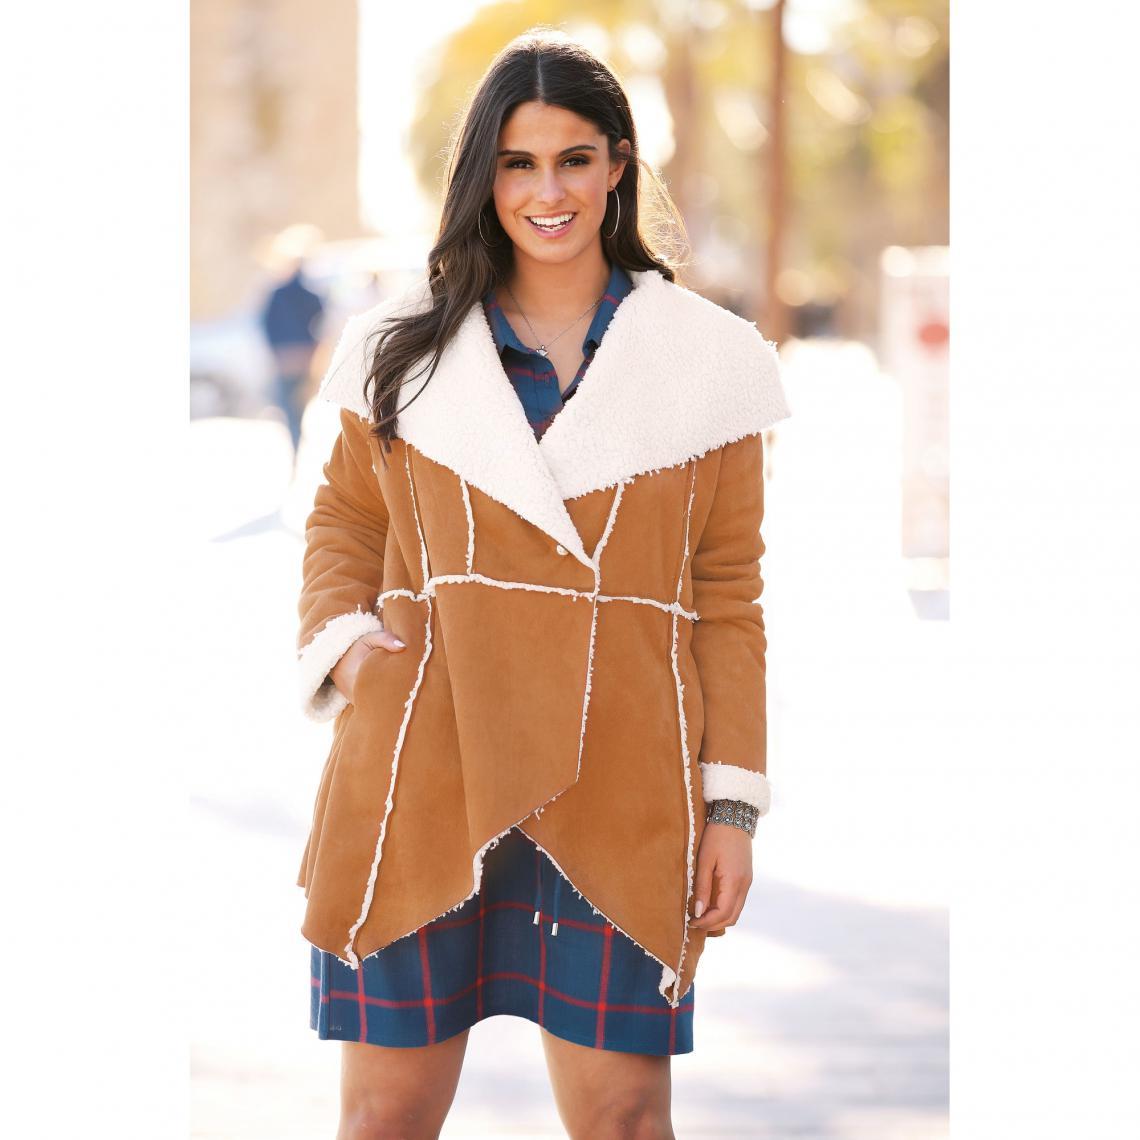 Manteau intérieur fourrure synthétique bas en pointes grandes tailles - Camel - 3 SUISSES - Modalova